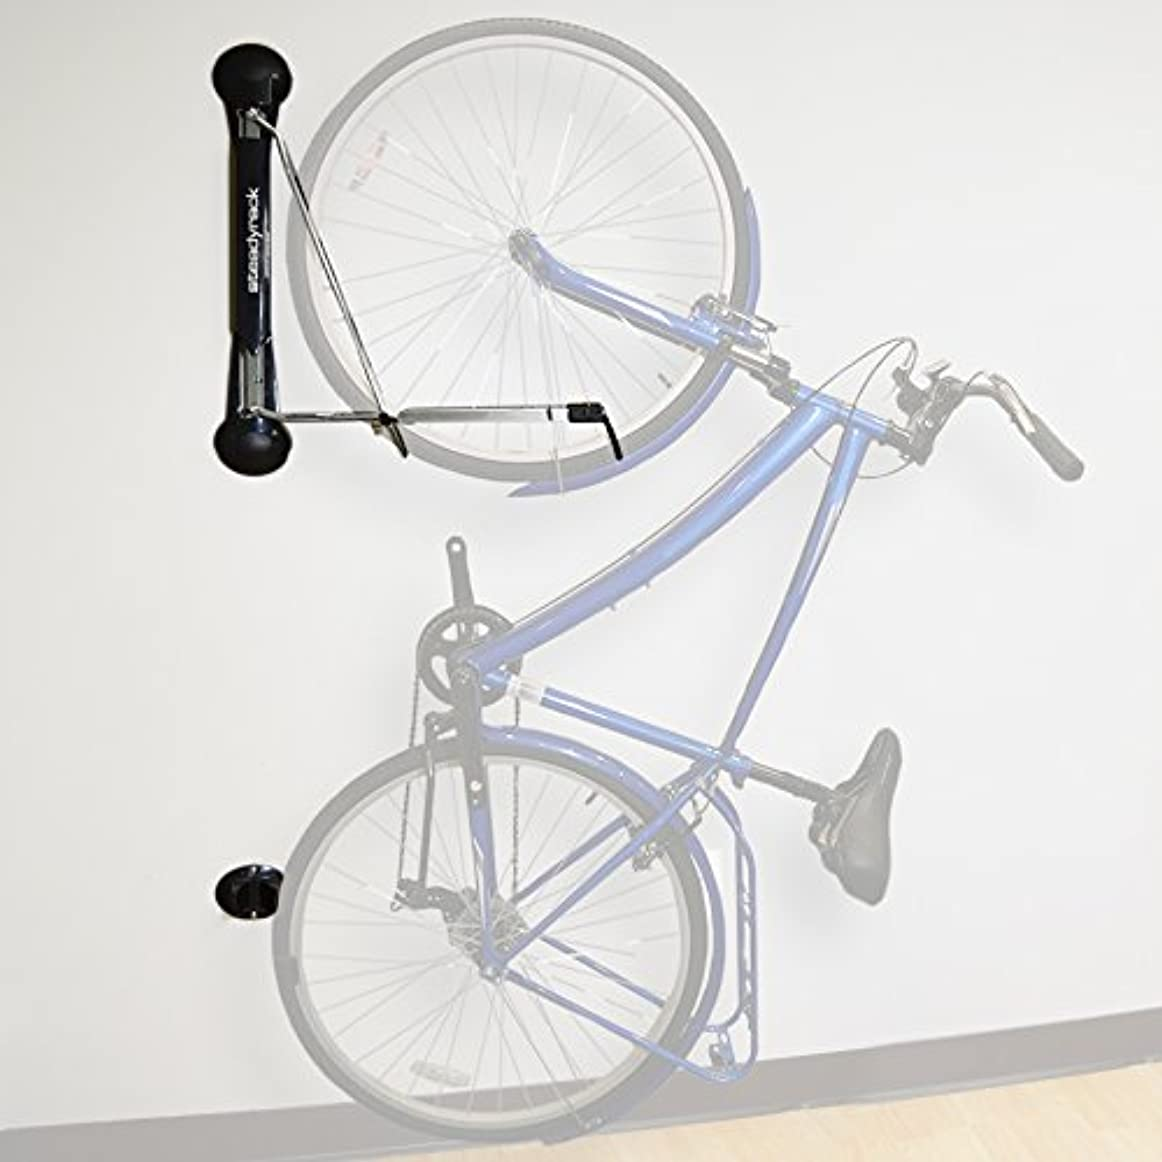 期待ボーカル考えるSteadyrack Fender Rack-Vertical Bike Storage Rack by Steadyrack